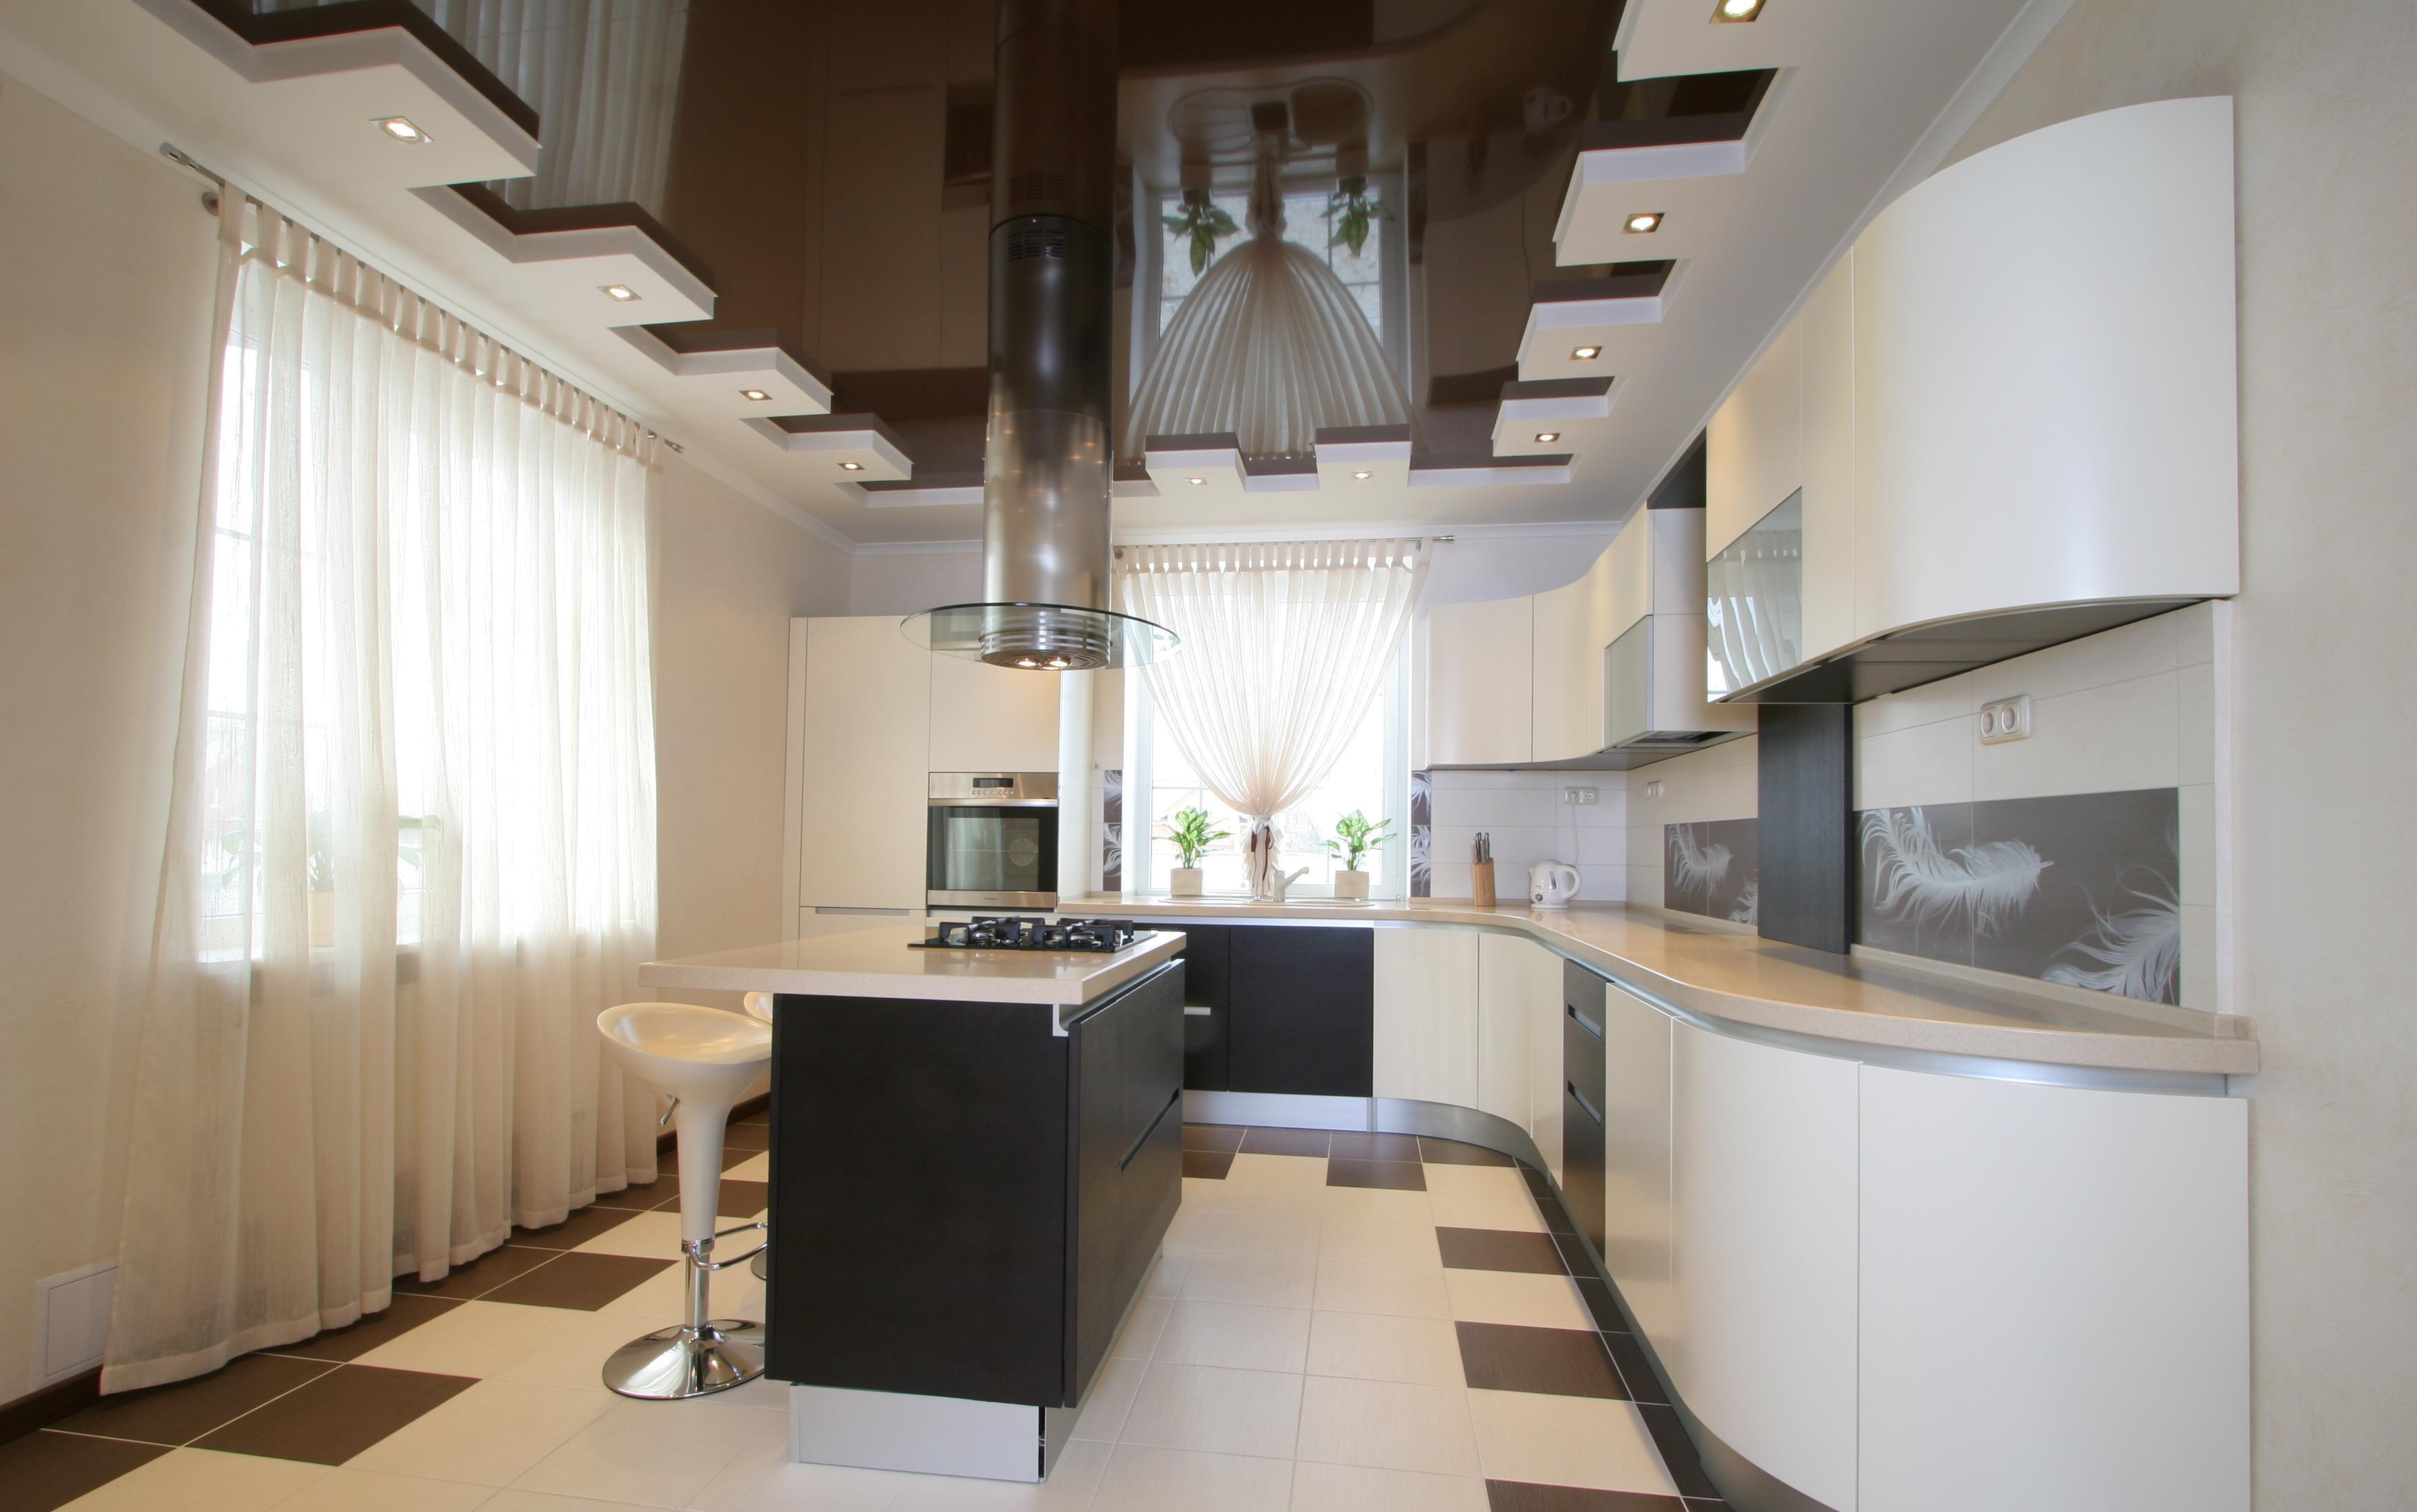 потолки в кухне фото дизайн 3